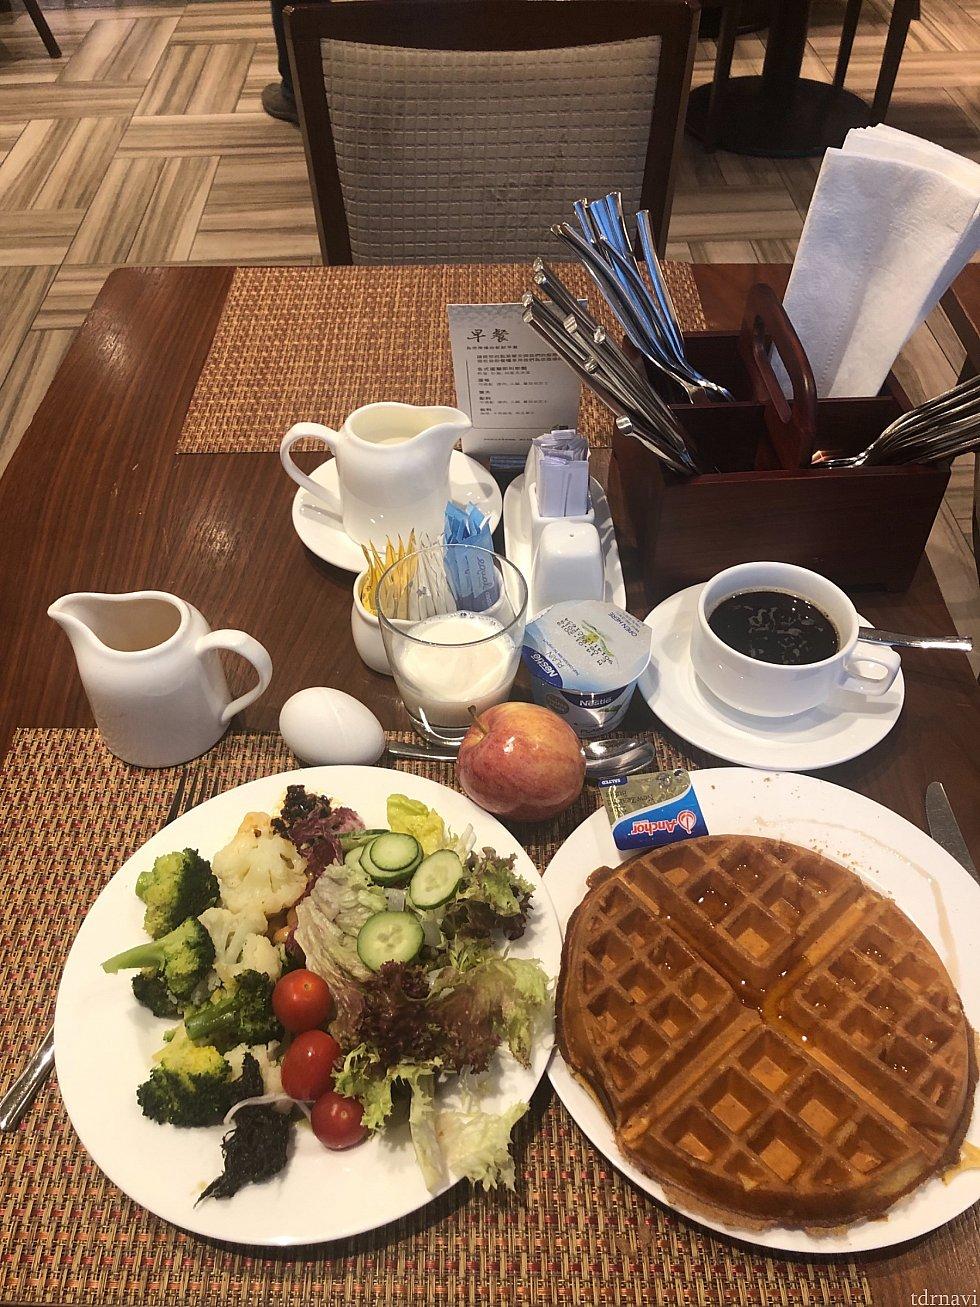 朝食は自分で焼くワッフルが楽しみで毎朝食べました